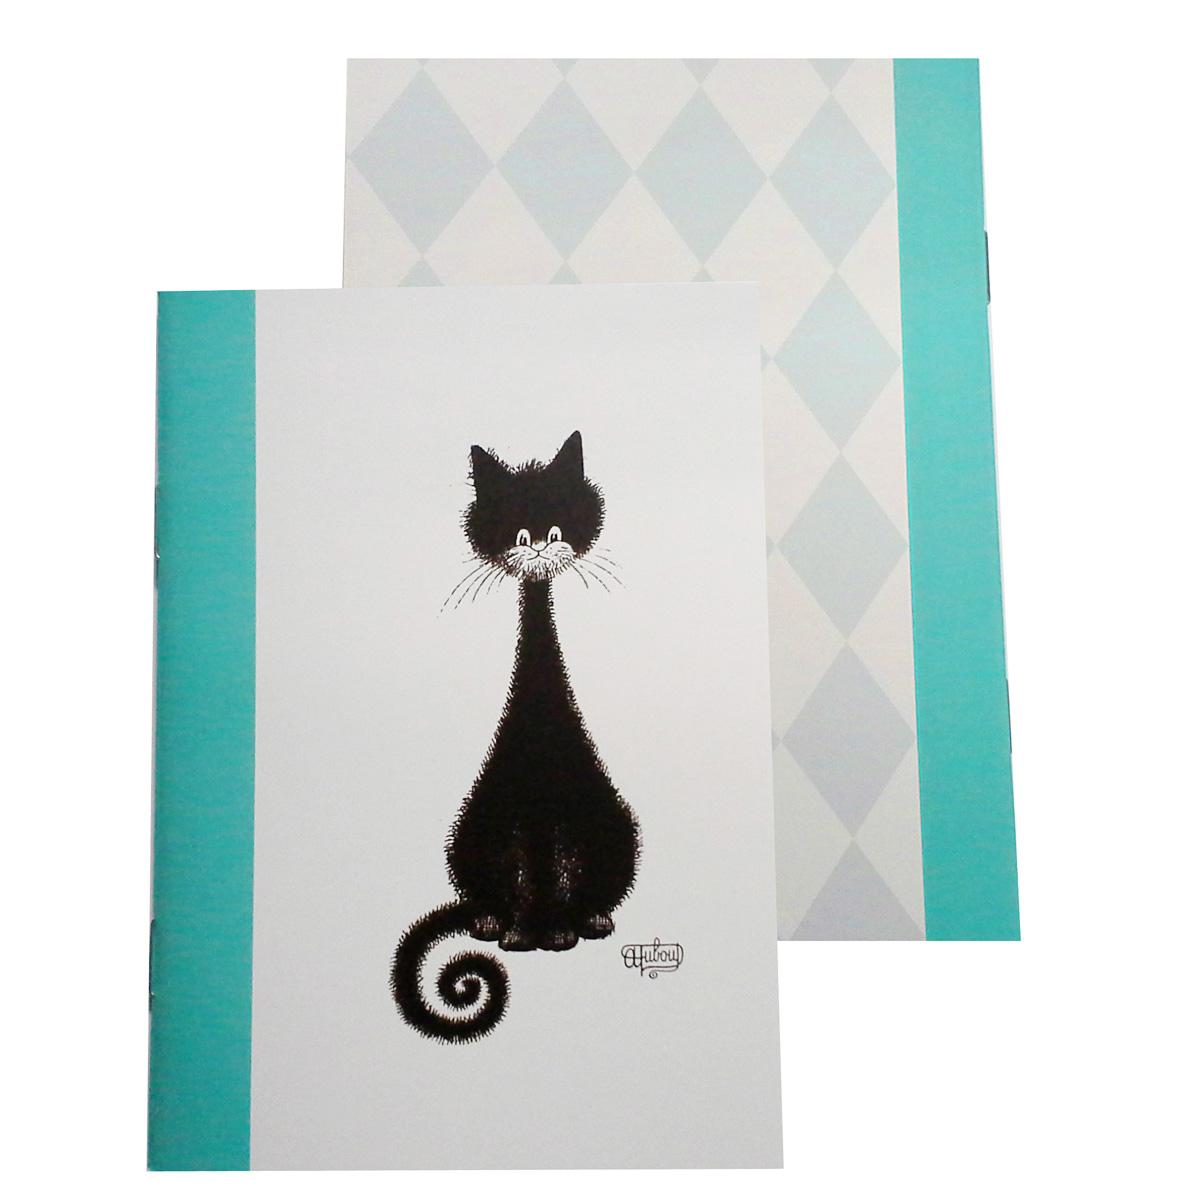 Carnet \'Chats Dubout\' vert blanc noir (chat spirale) - 147x105 cm - [Q9233]